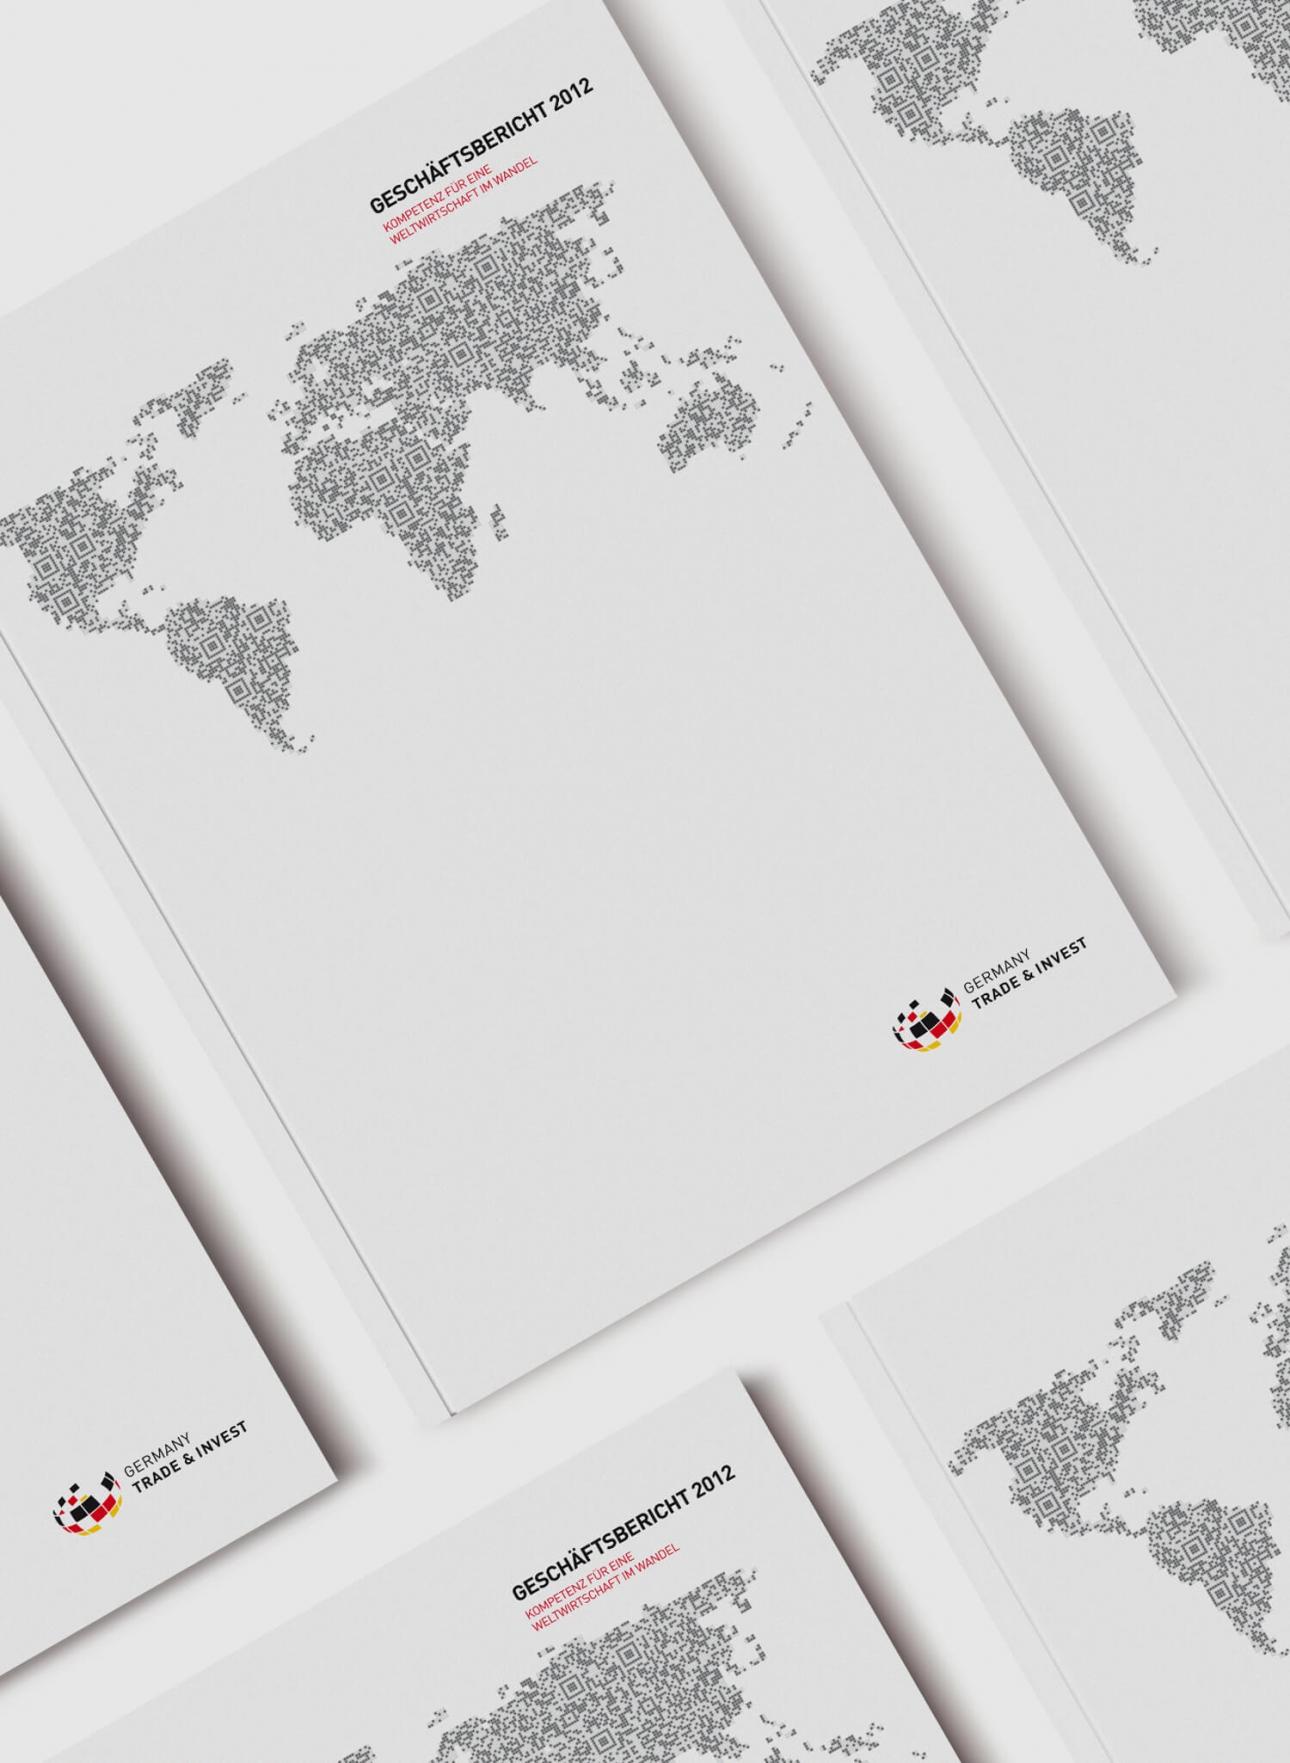 Geschäftsbericht für Germany Trade and Invest, Corporate Publishing und Finanzkommunikation von 31M